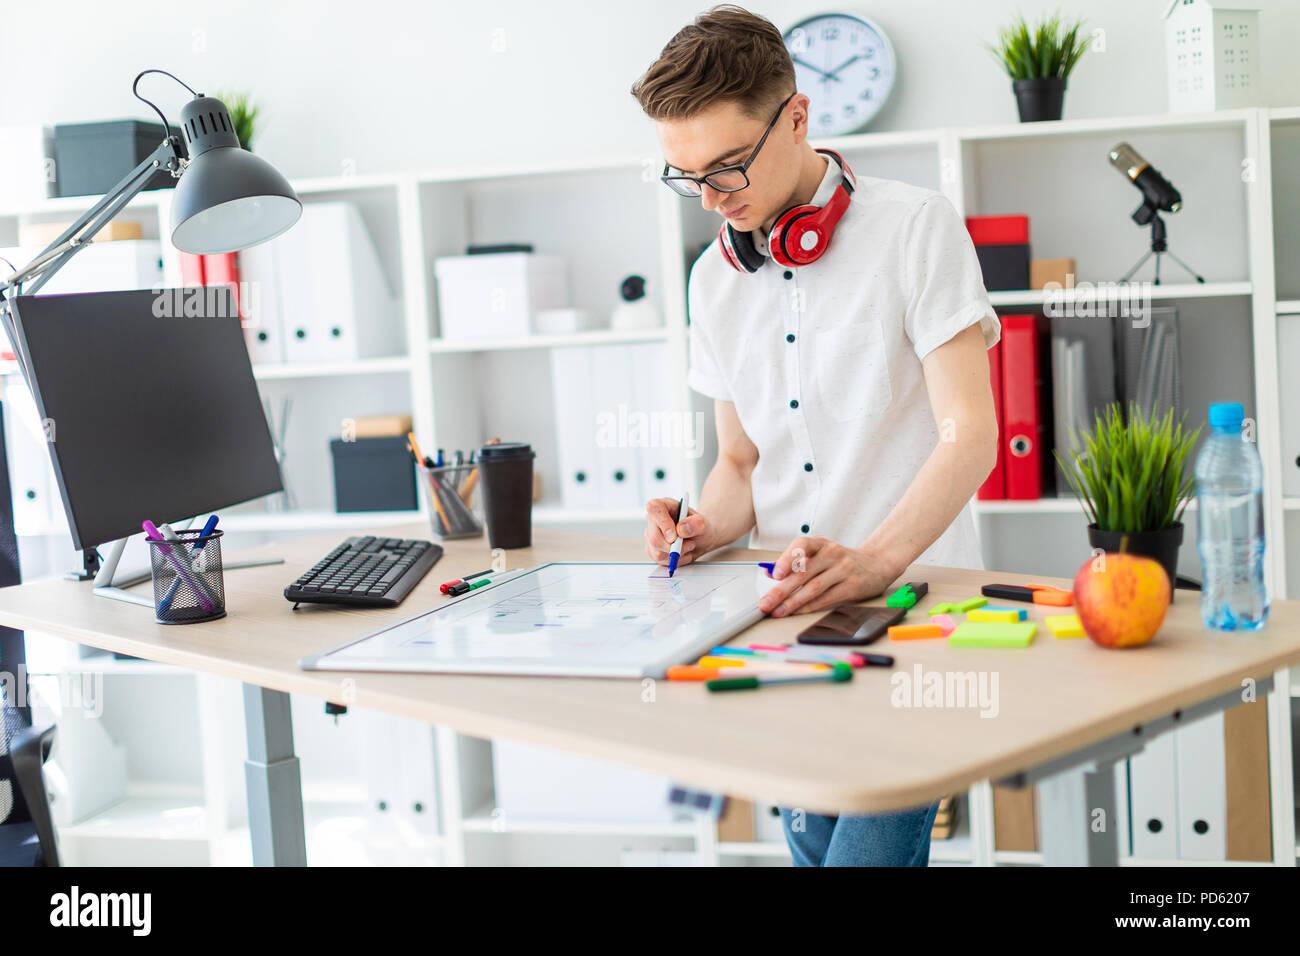 Un jeune homme à lunettes se tient à proximité d'un ordinateur 24. Un jeune homme dessine un marqueur sur un tableau magnétique. Sur le cou, le casque du gars de se bloquer. Photo Stock